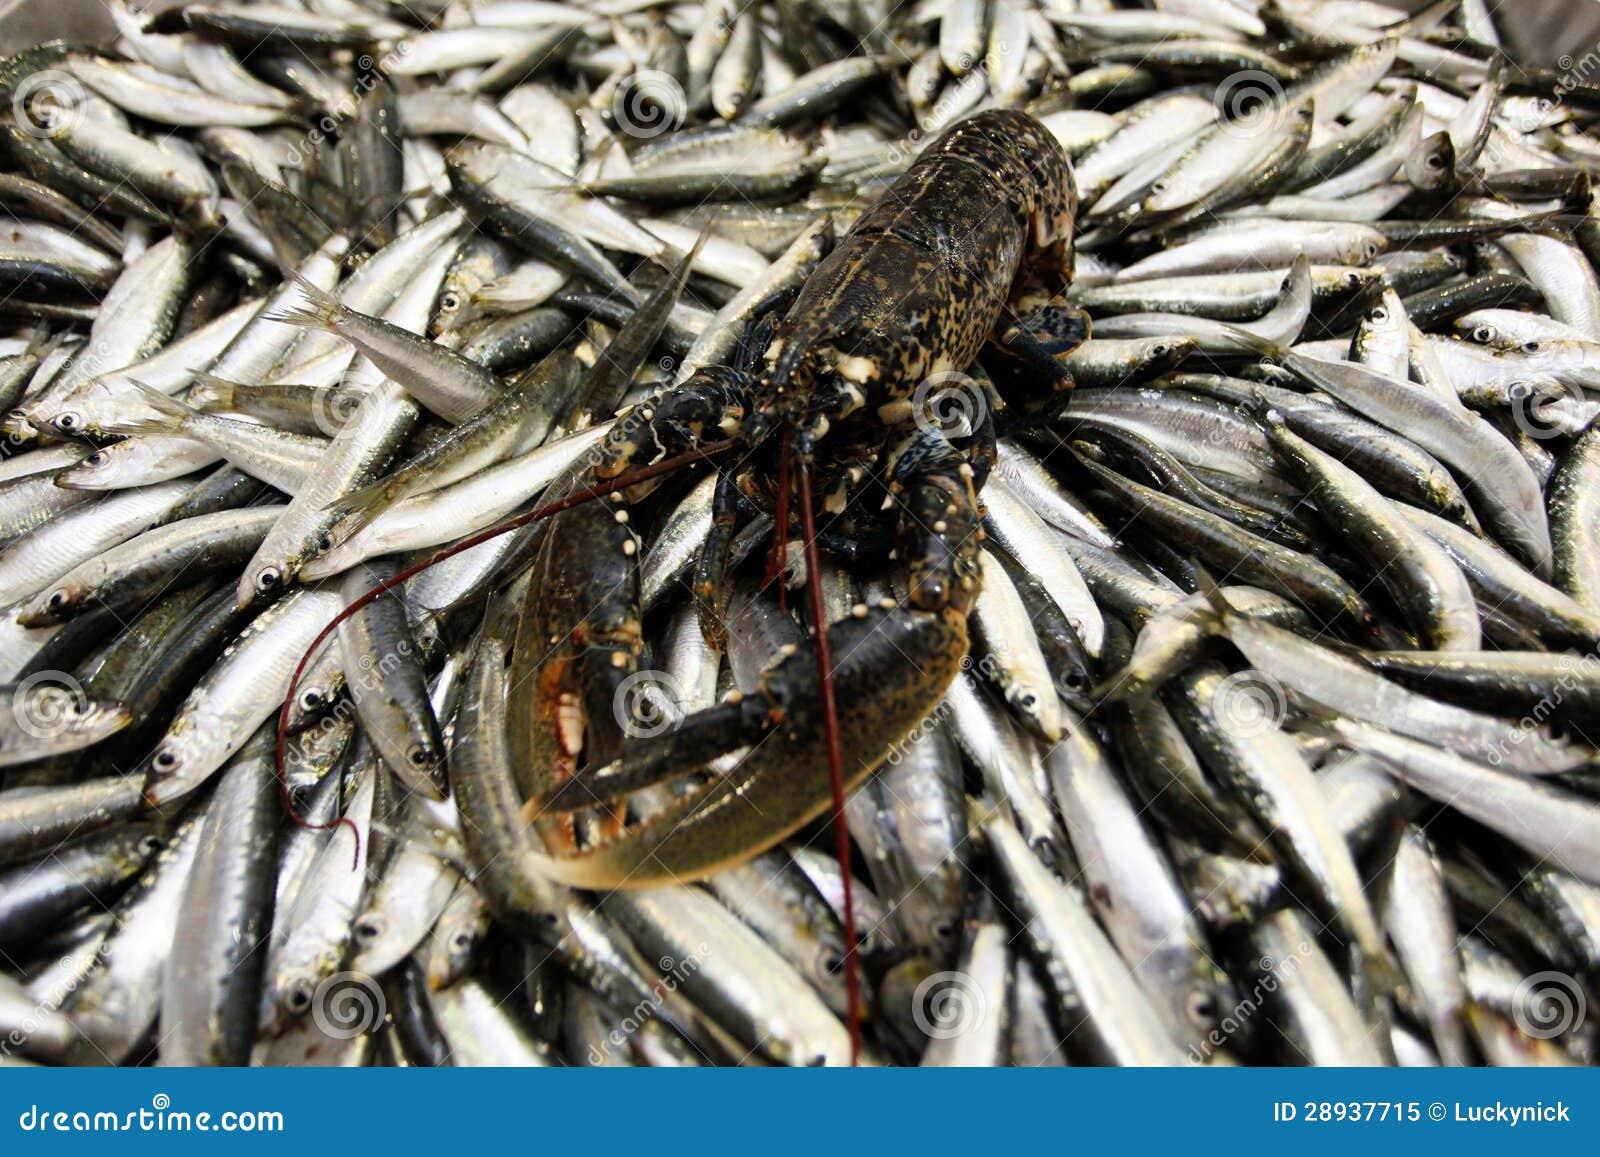 Lagosta no mercado de peixes